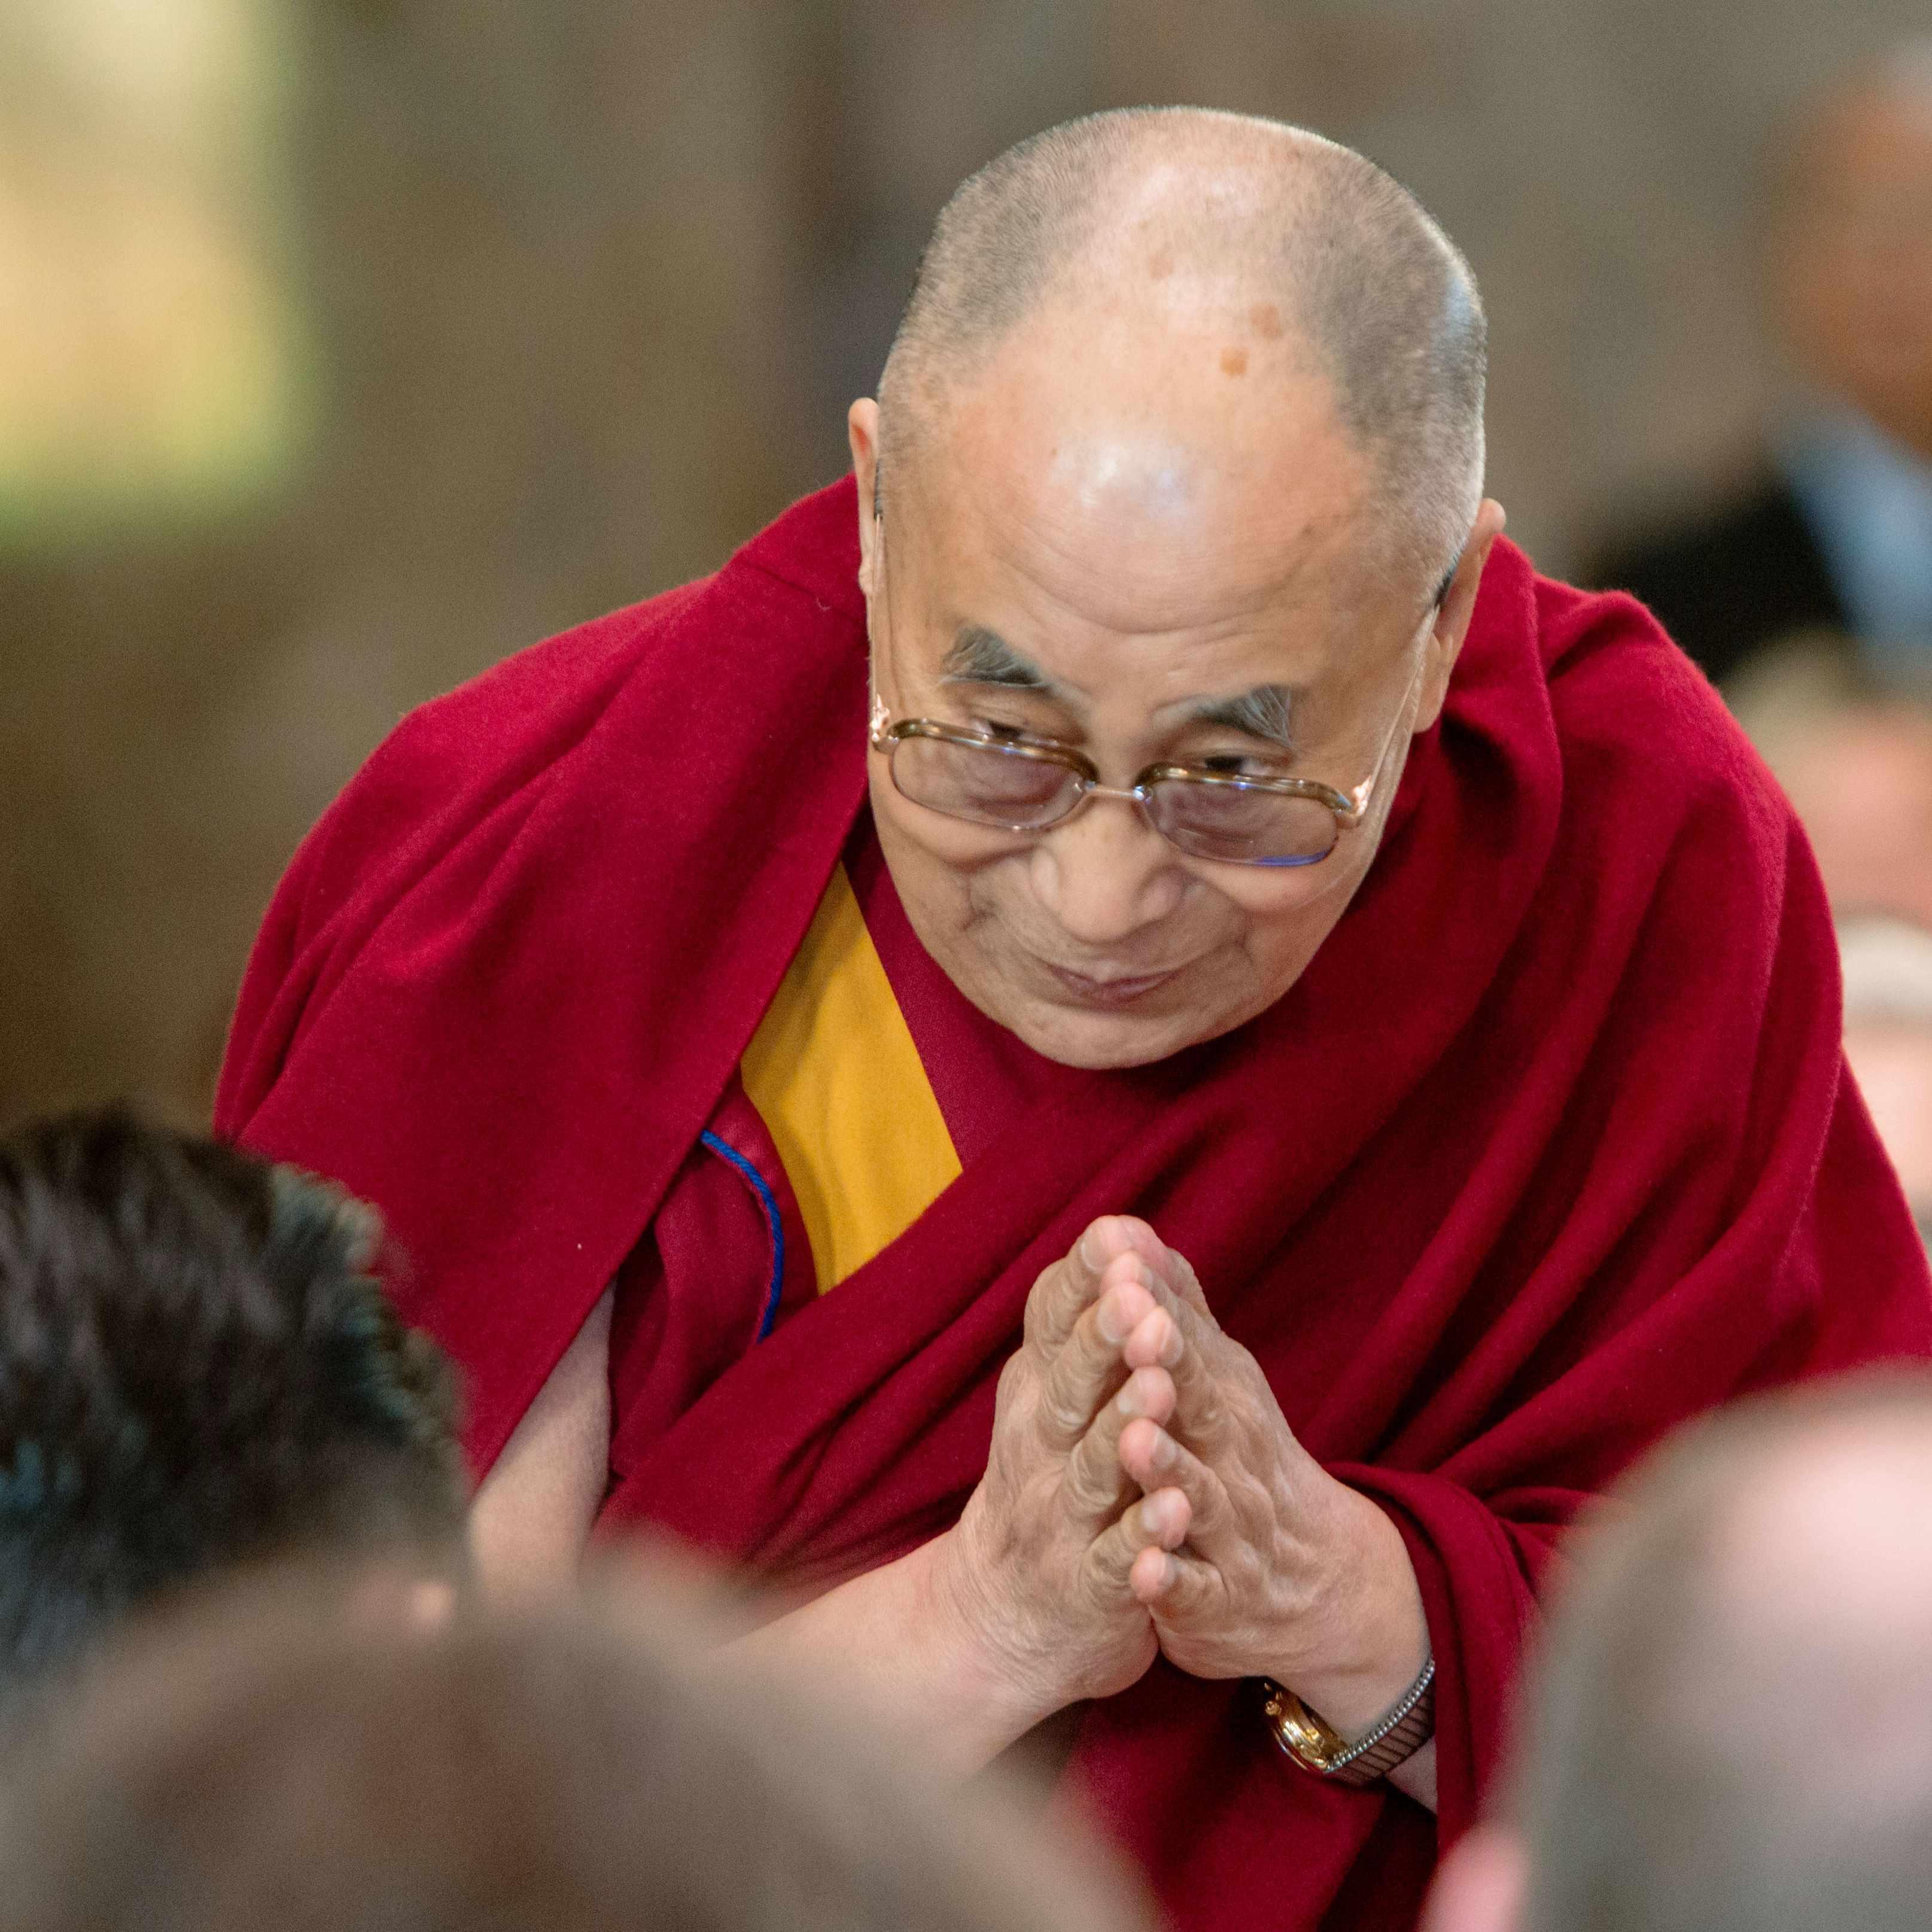 the Dalai Lama at Saint Marys Chapel